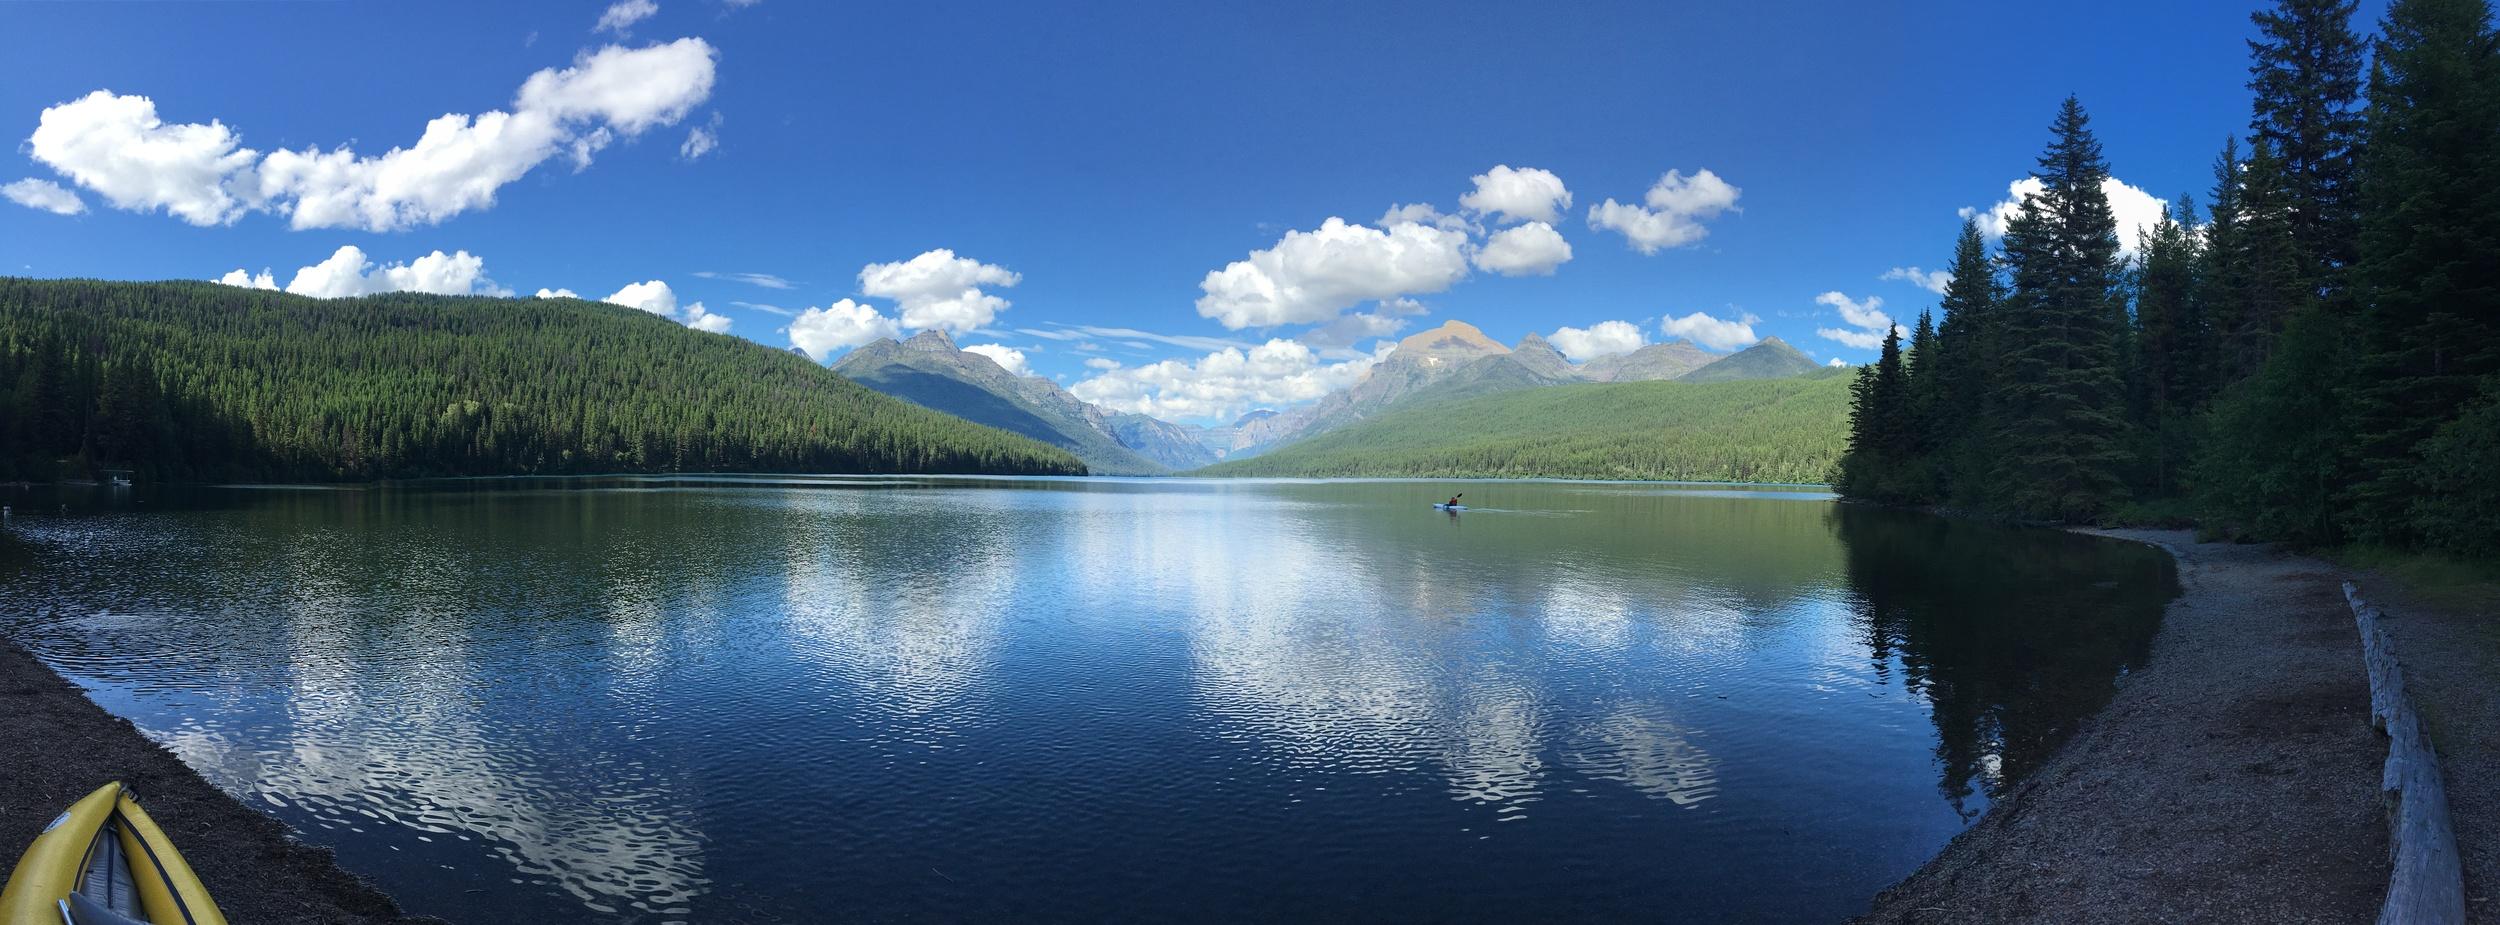 Bowman Lake pano